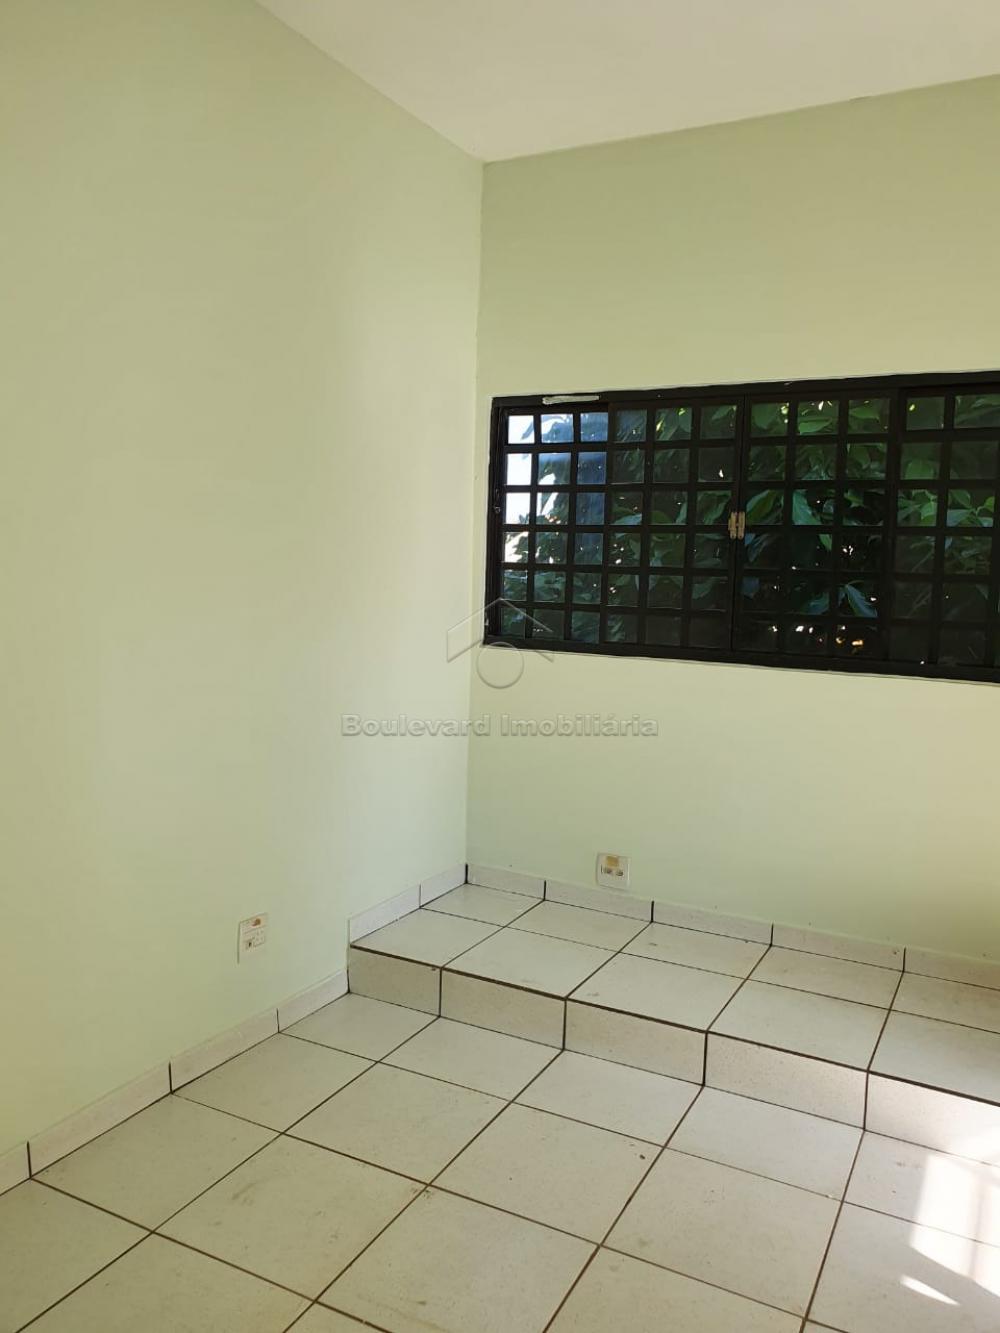 Alugar Comercial / Casa em Ribeirão Preto apenas R$ 1.500,00 - Foto 5